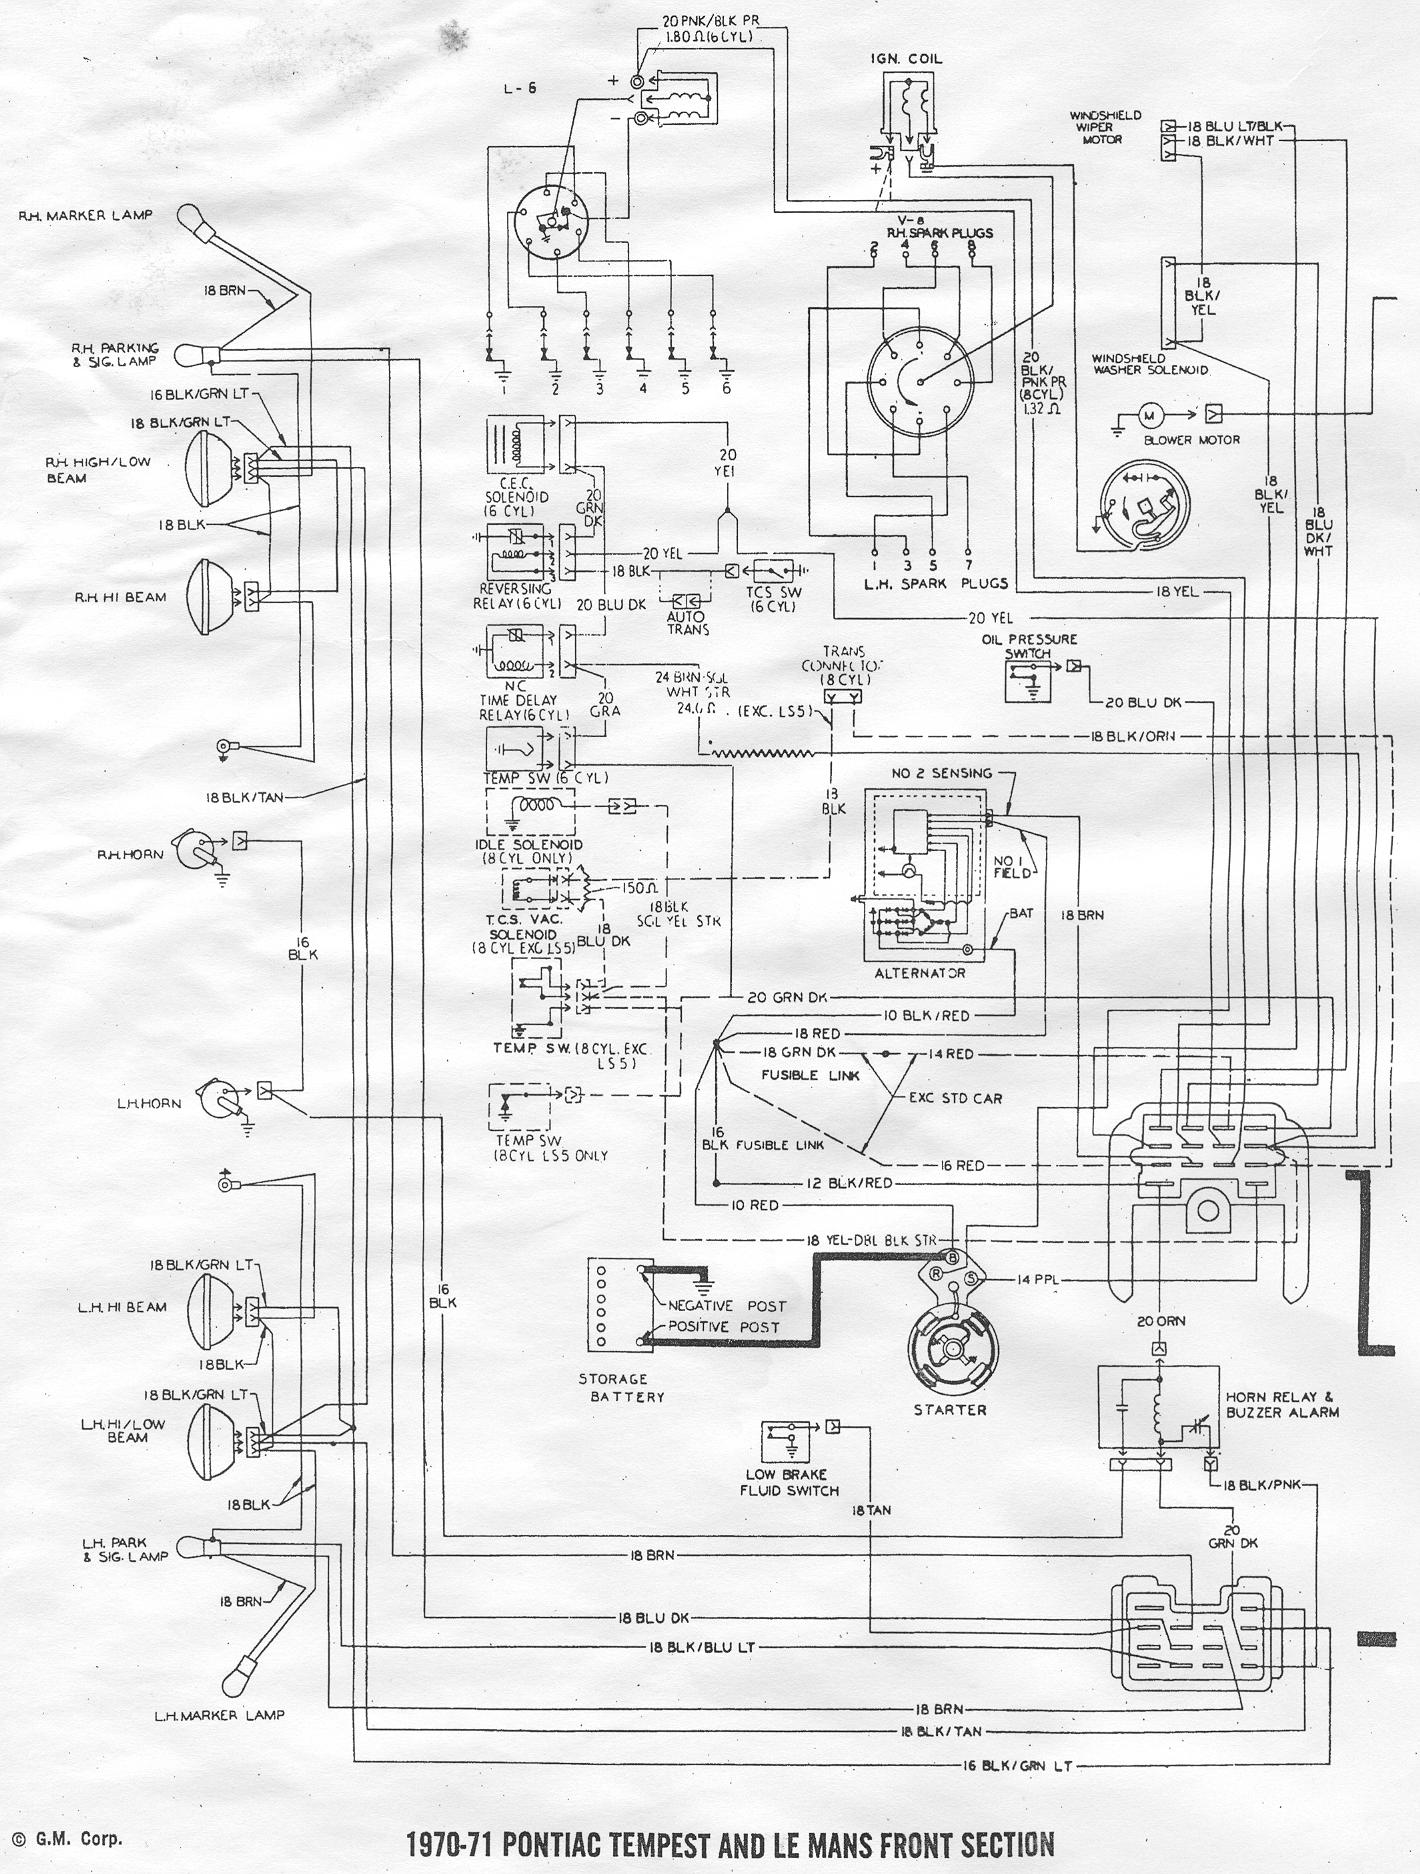 1970 chevelle ss dash wiring diagram wiring diagram 72 chevelle wiring schematics jodebal